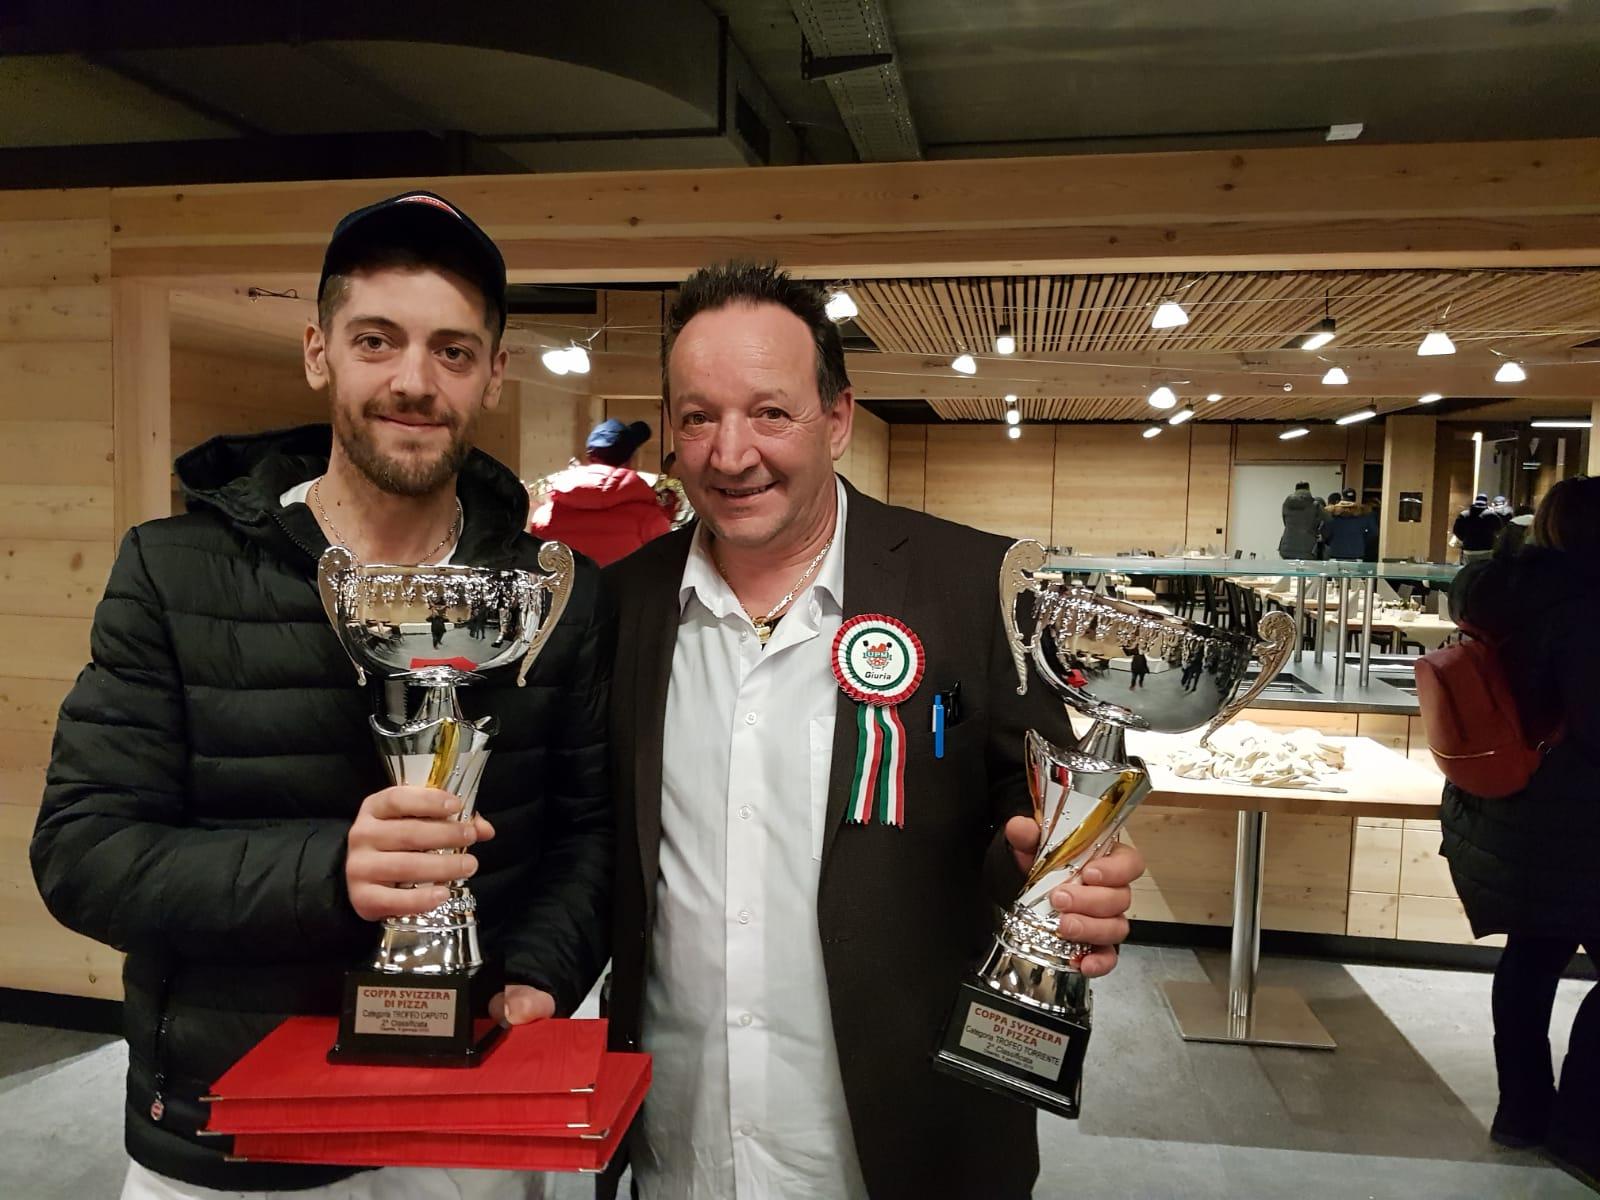 Dopo i successi nella coppa di svizzera il Pizzaiolo Vittorio Cifelli ringrazia tutti i sostenitori, gli amici e gli sponsor che hanno permesso questa grande avventura.